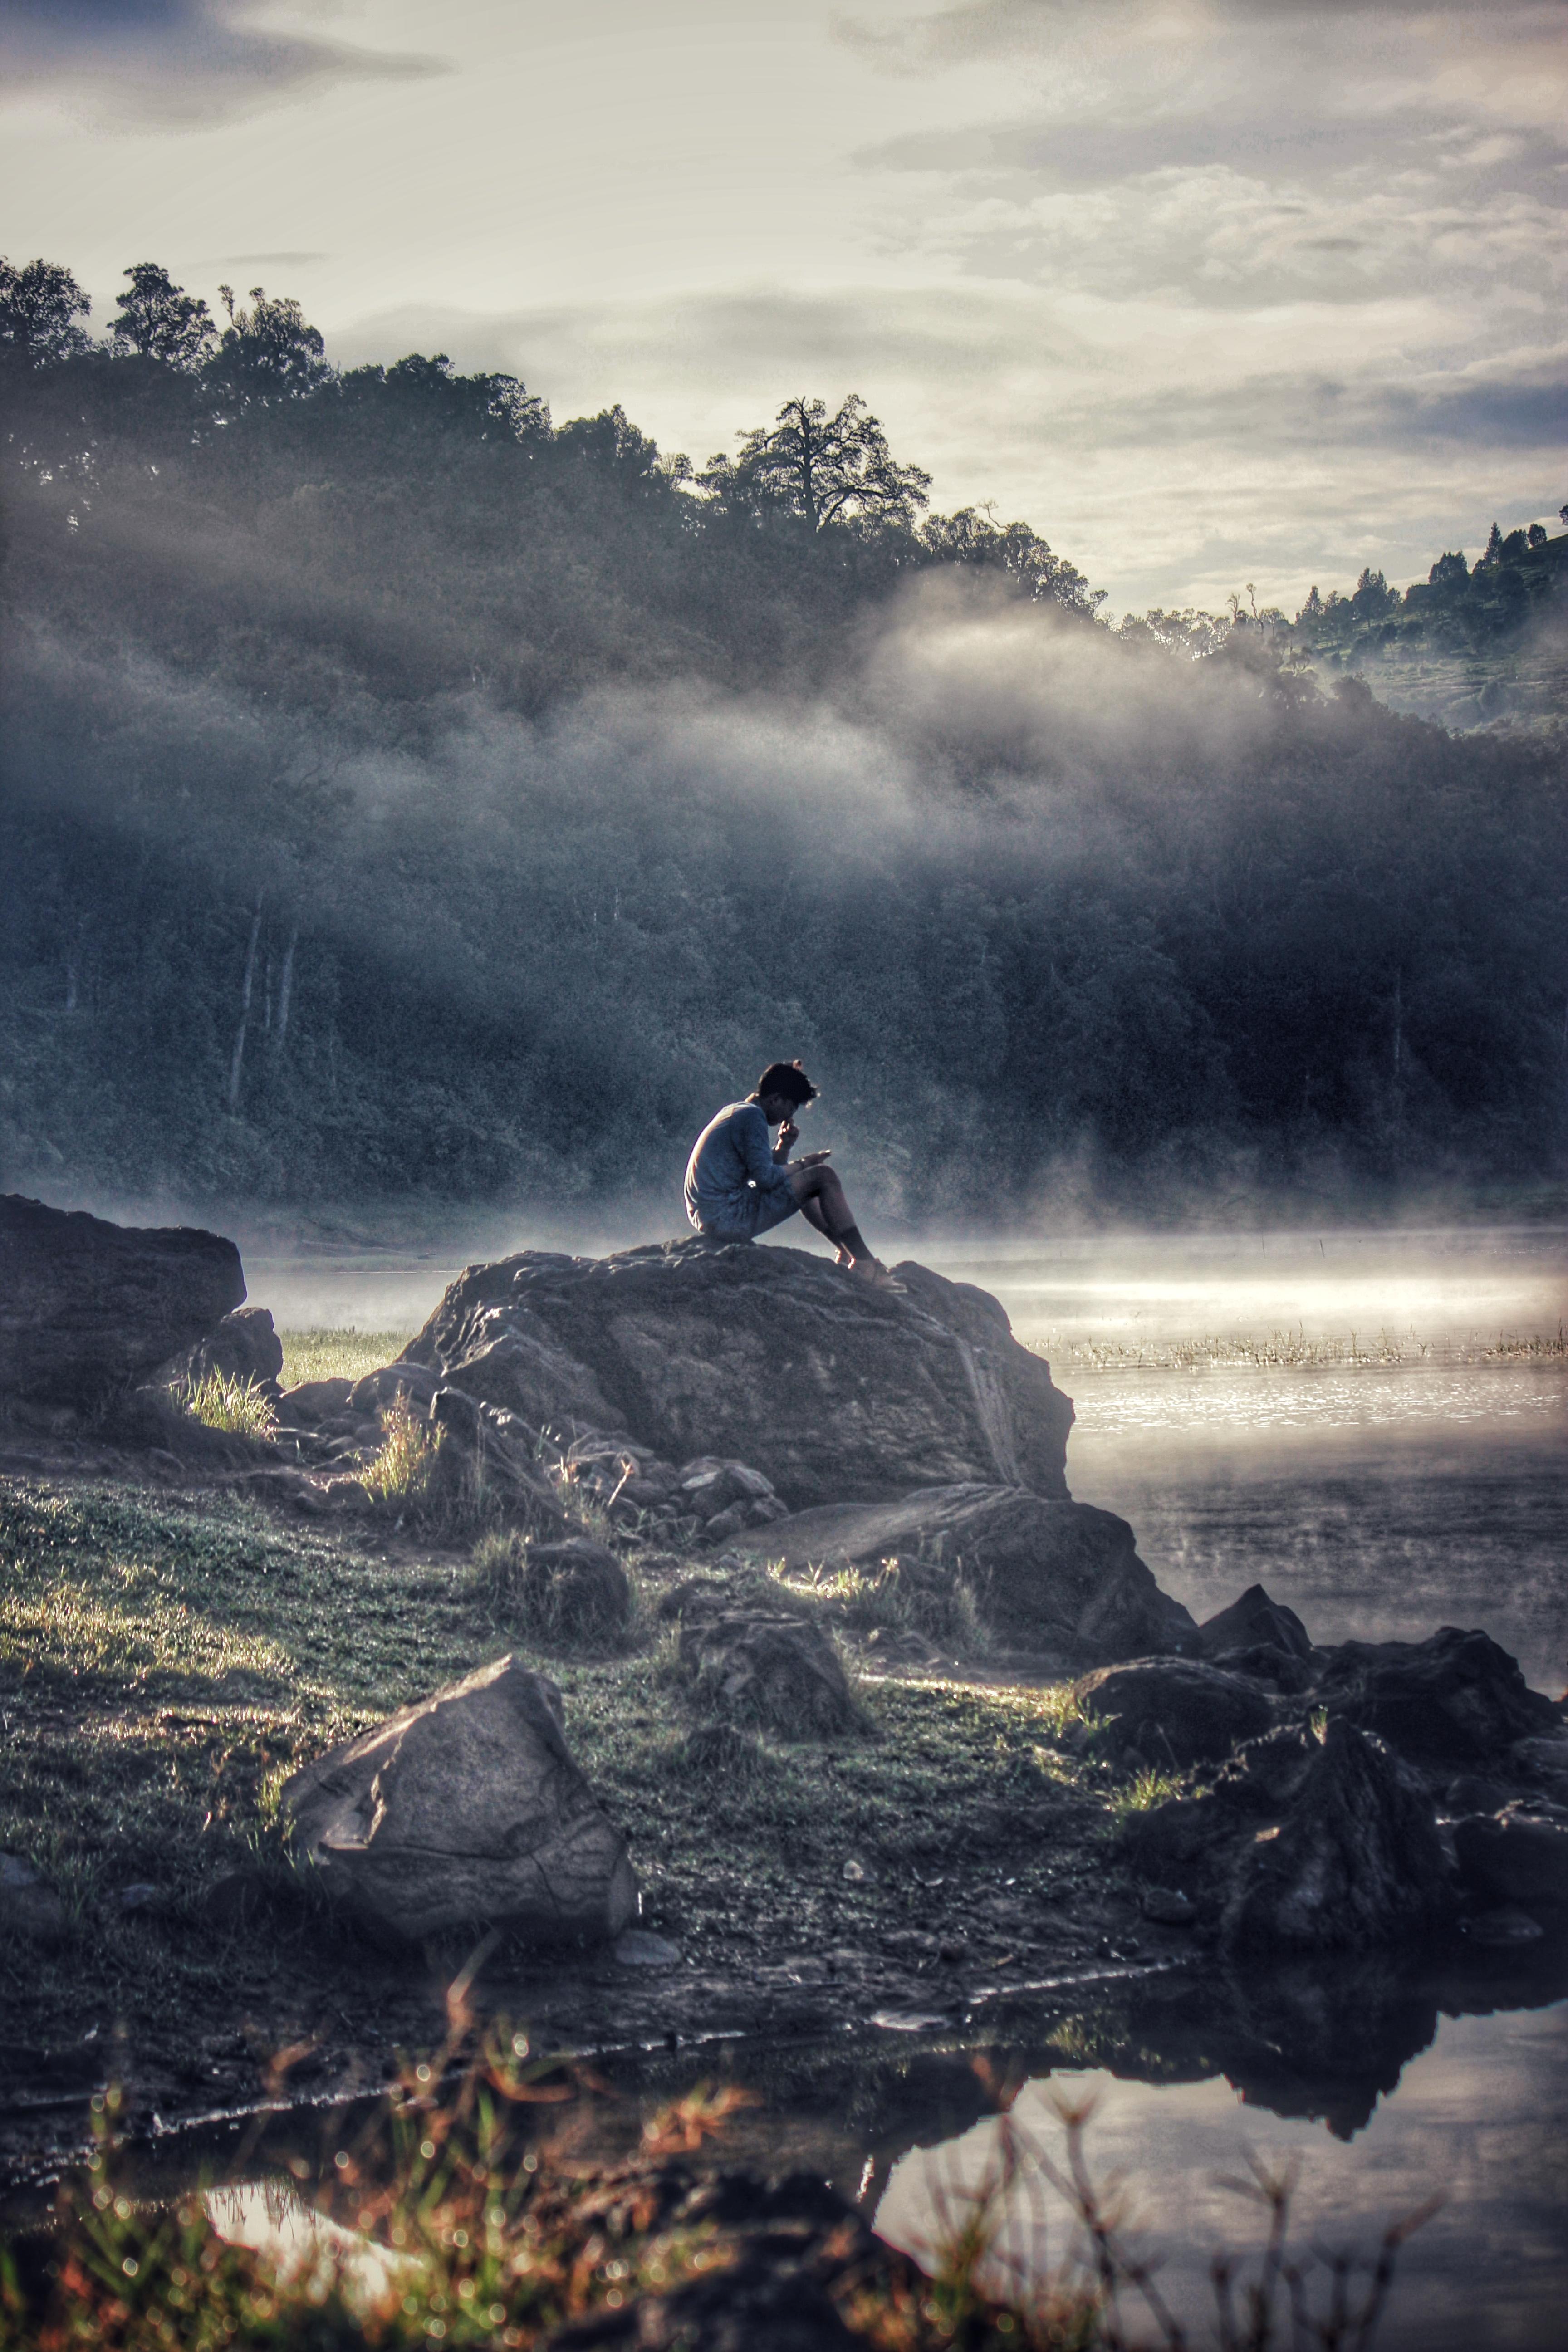 Sad Girl Pic Wallpaper Man In Gray Shit Sitting On Rock Boulder 183 Free Stock Photo